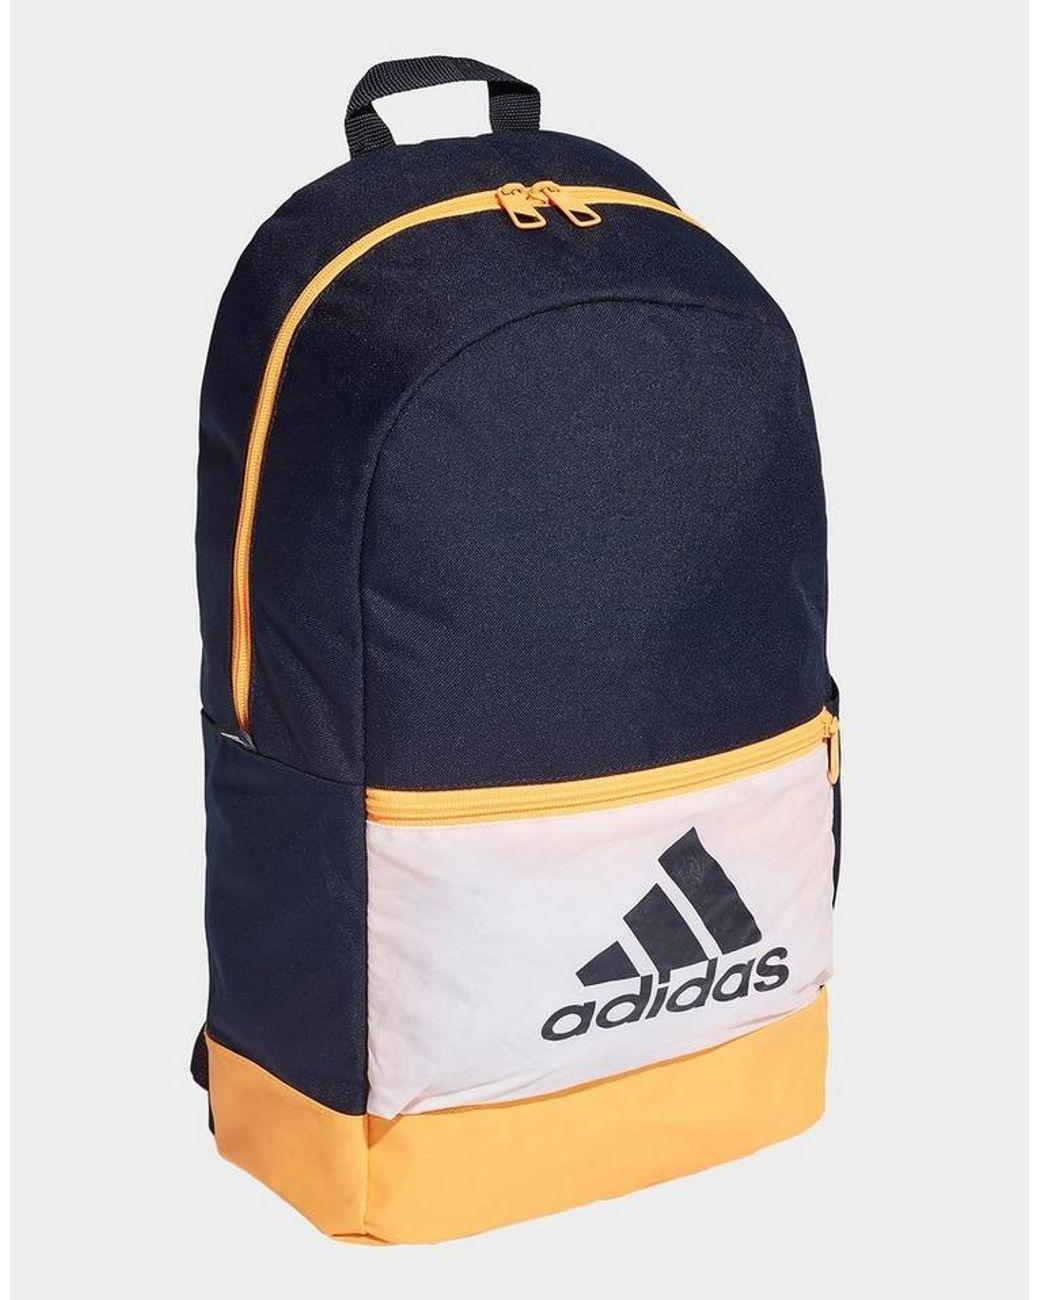 Adidas Originals Classic Rucksack orange